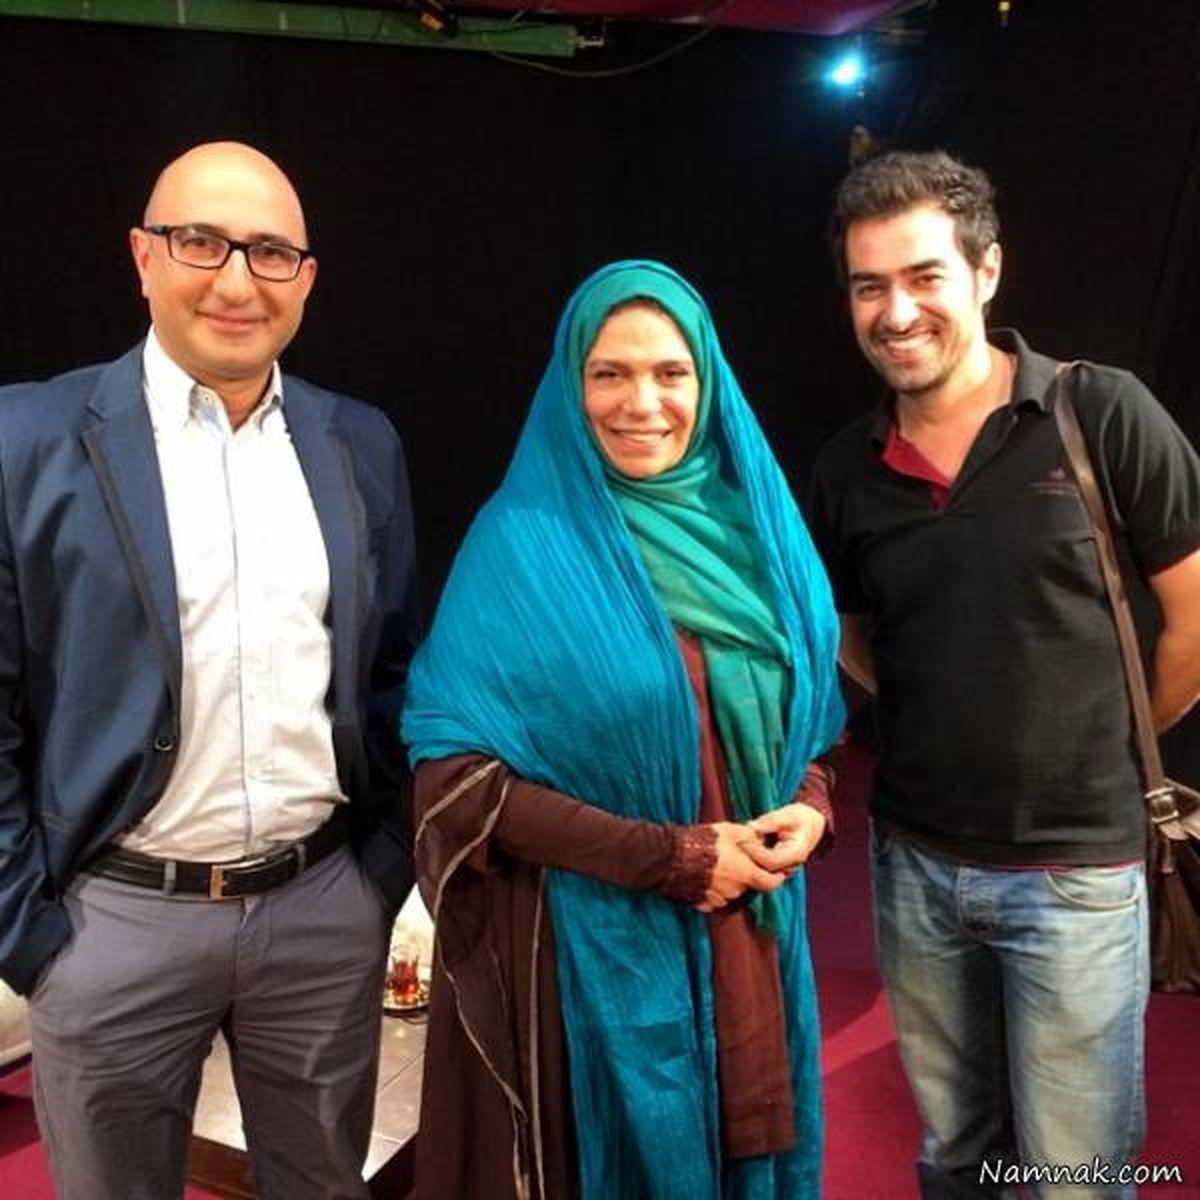 عکس لورفته از گوهر خیراندیش بغل شهاب حسینی در امریکا + تصاویر دیده ...